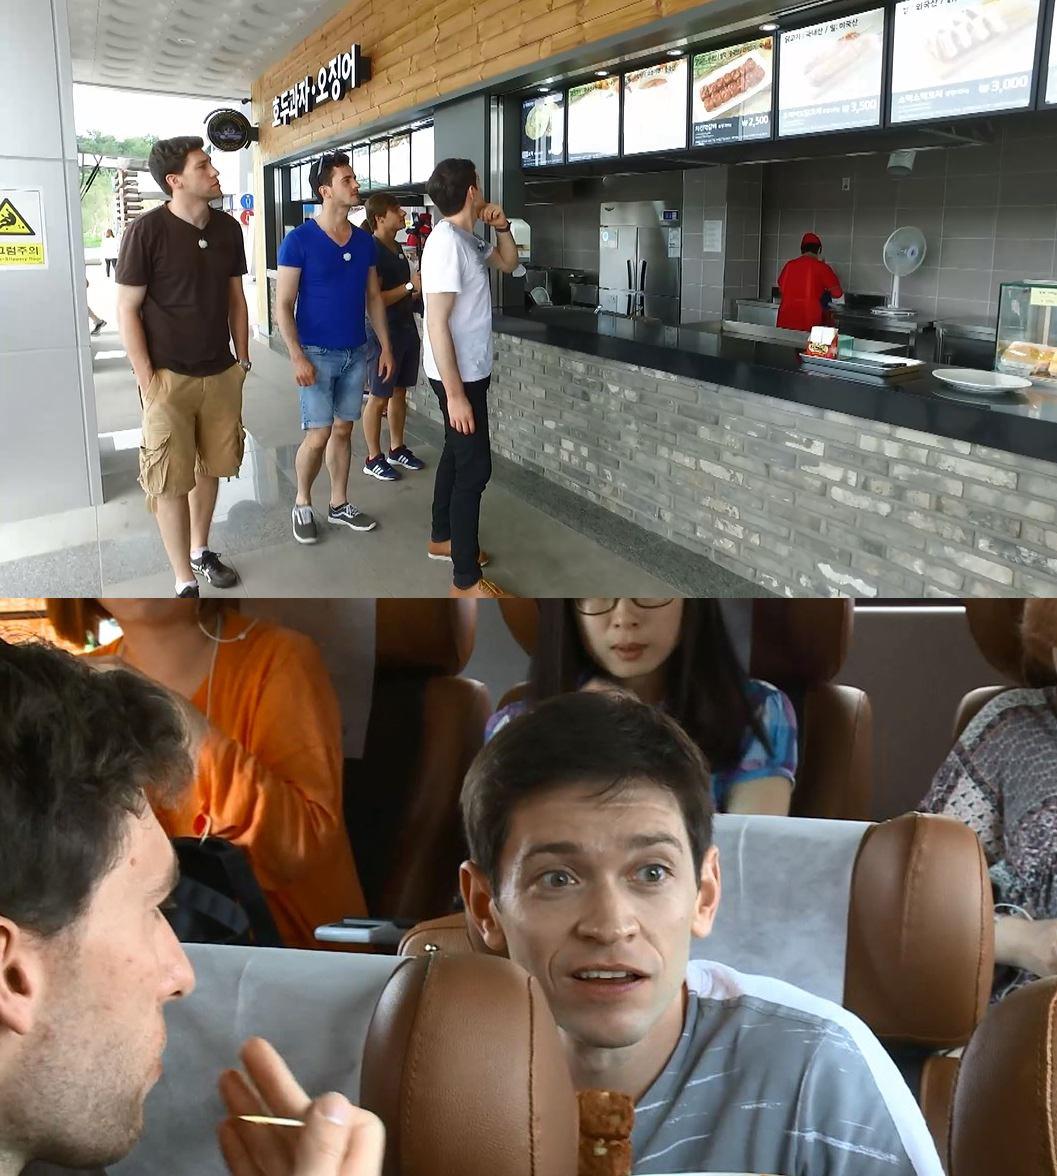 <어서와 한국은 처음이지?> 독일 3인방, 한국 휴게소 음식 경험 '신선'